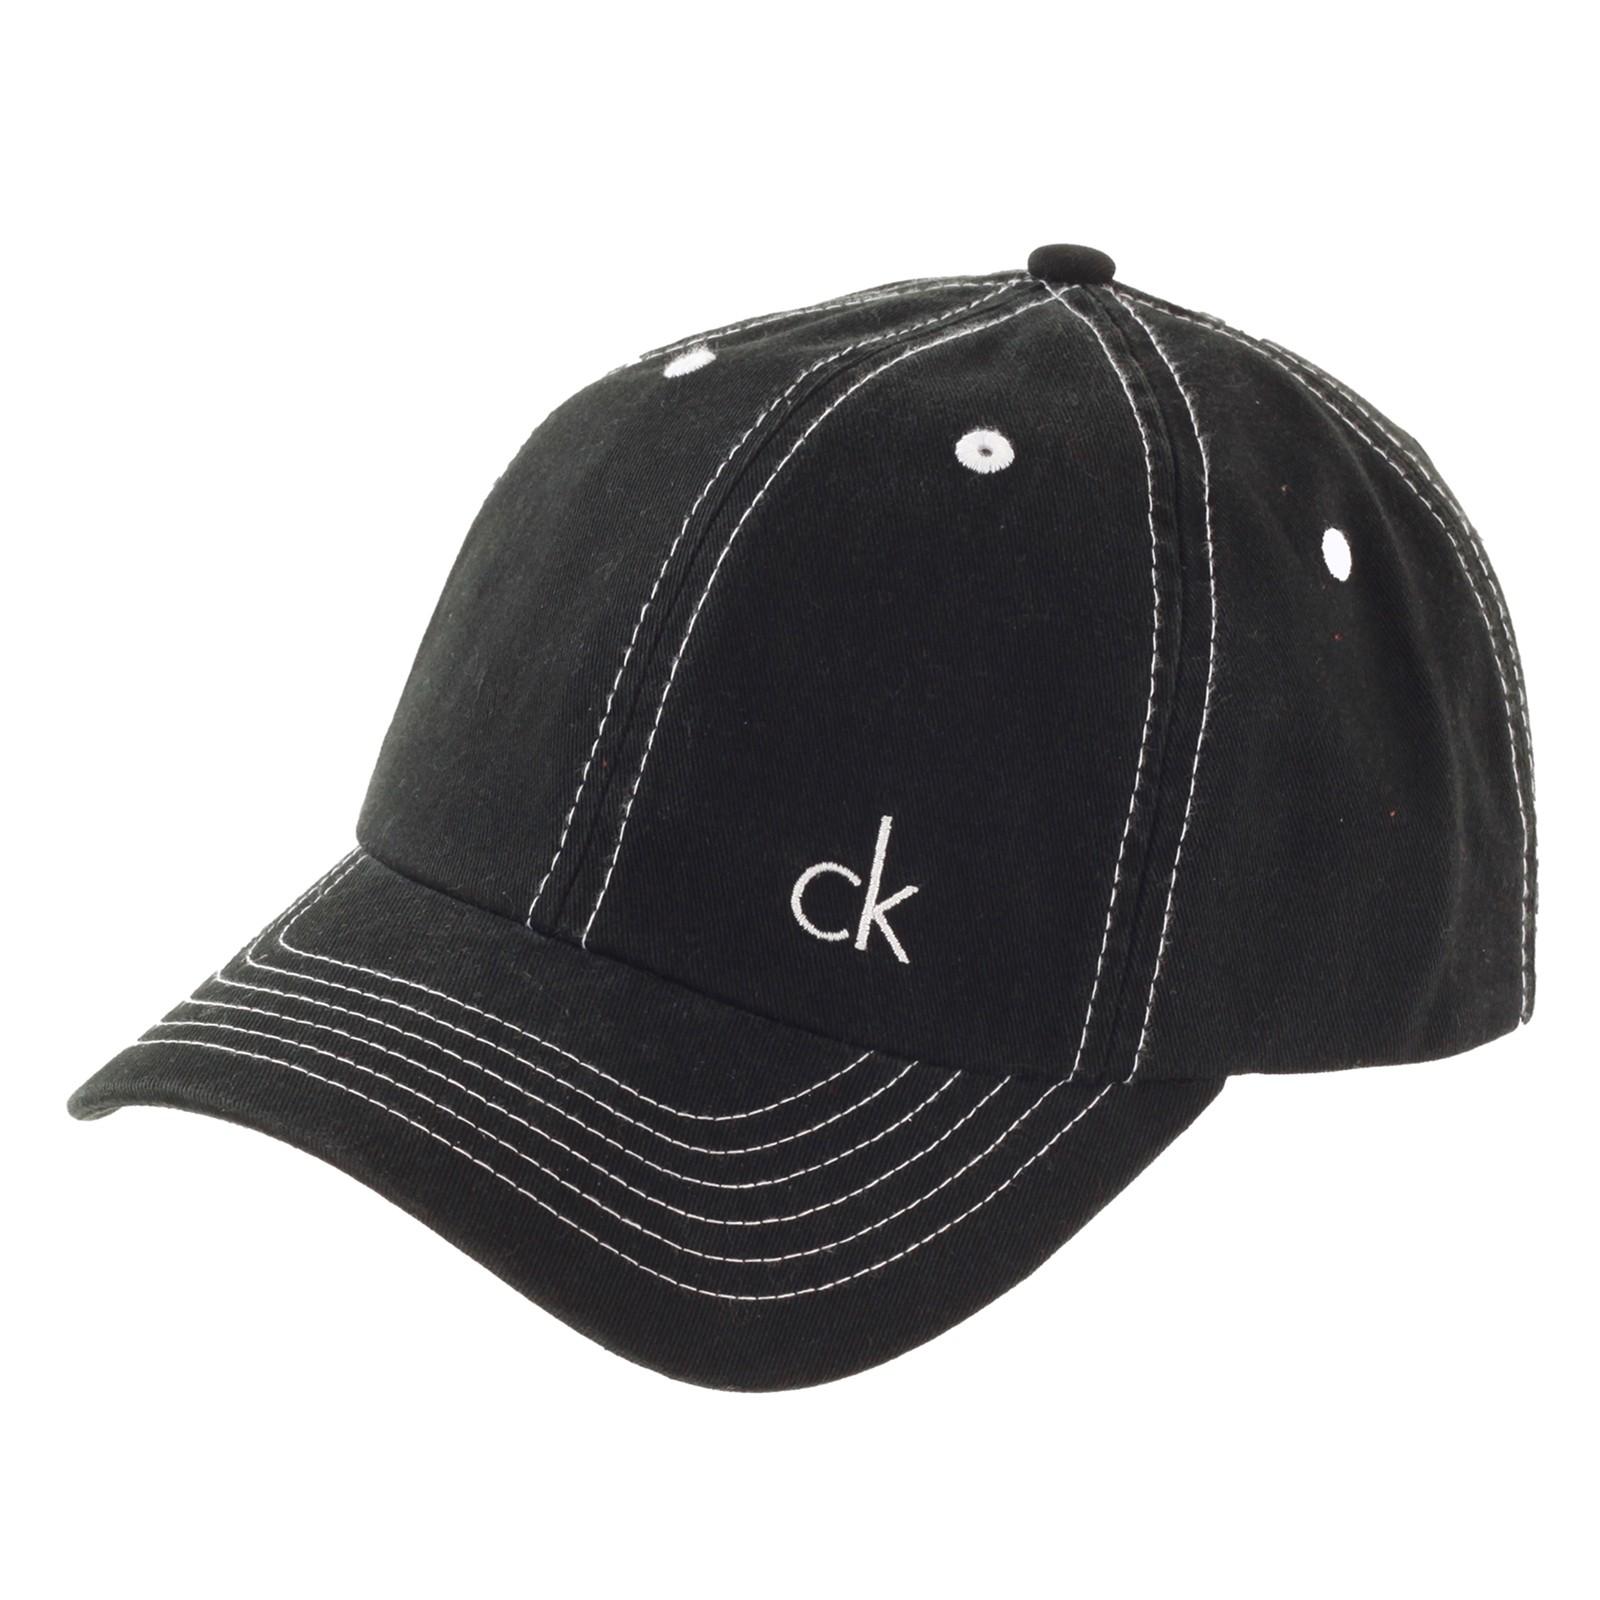 6bc3ac22824 Calvin Klein Golf Vintage Twill Baseball Caps